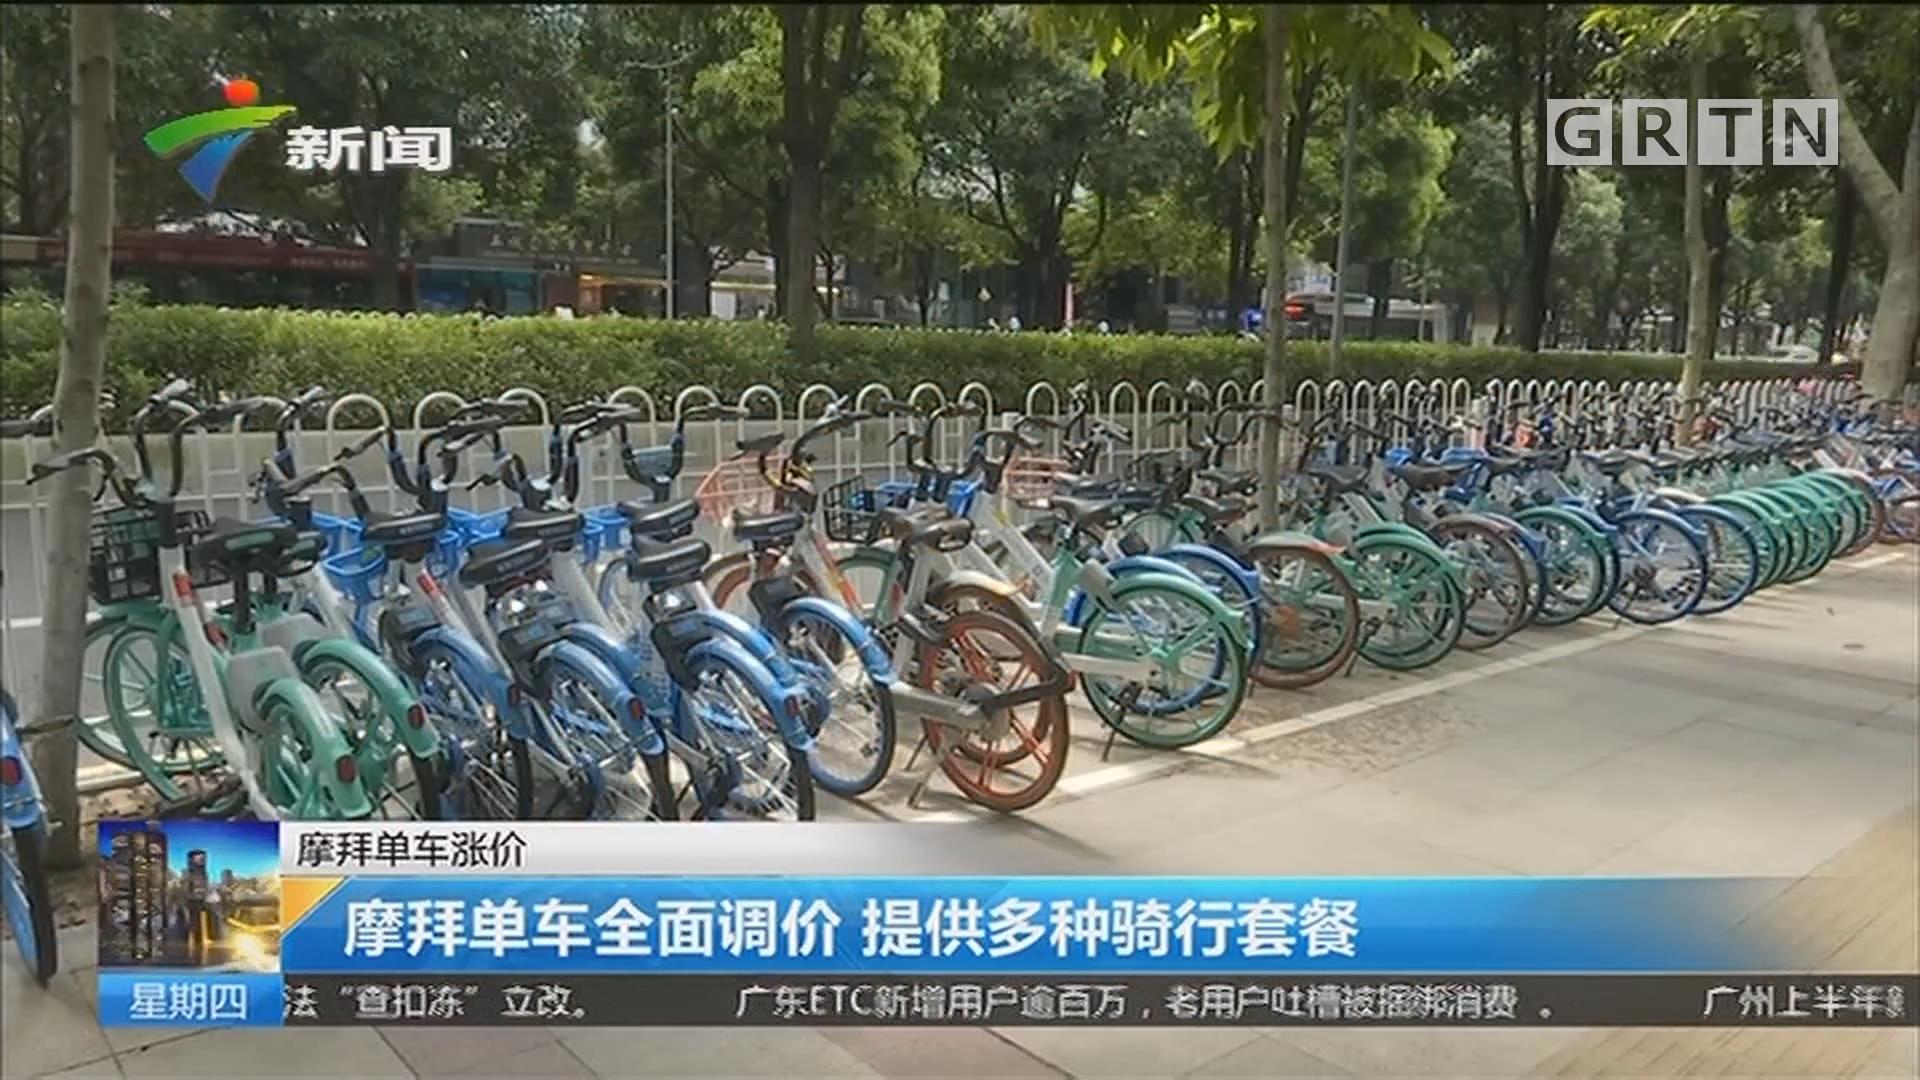 摩拜单车涨价:摩拜单车全面调价 提供多种骑行套餐